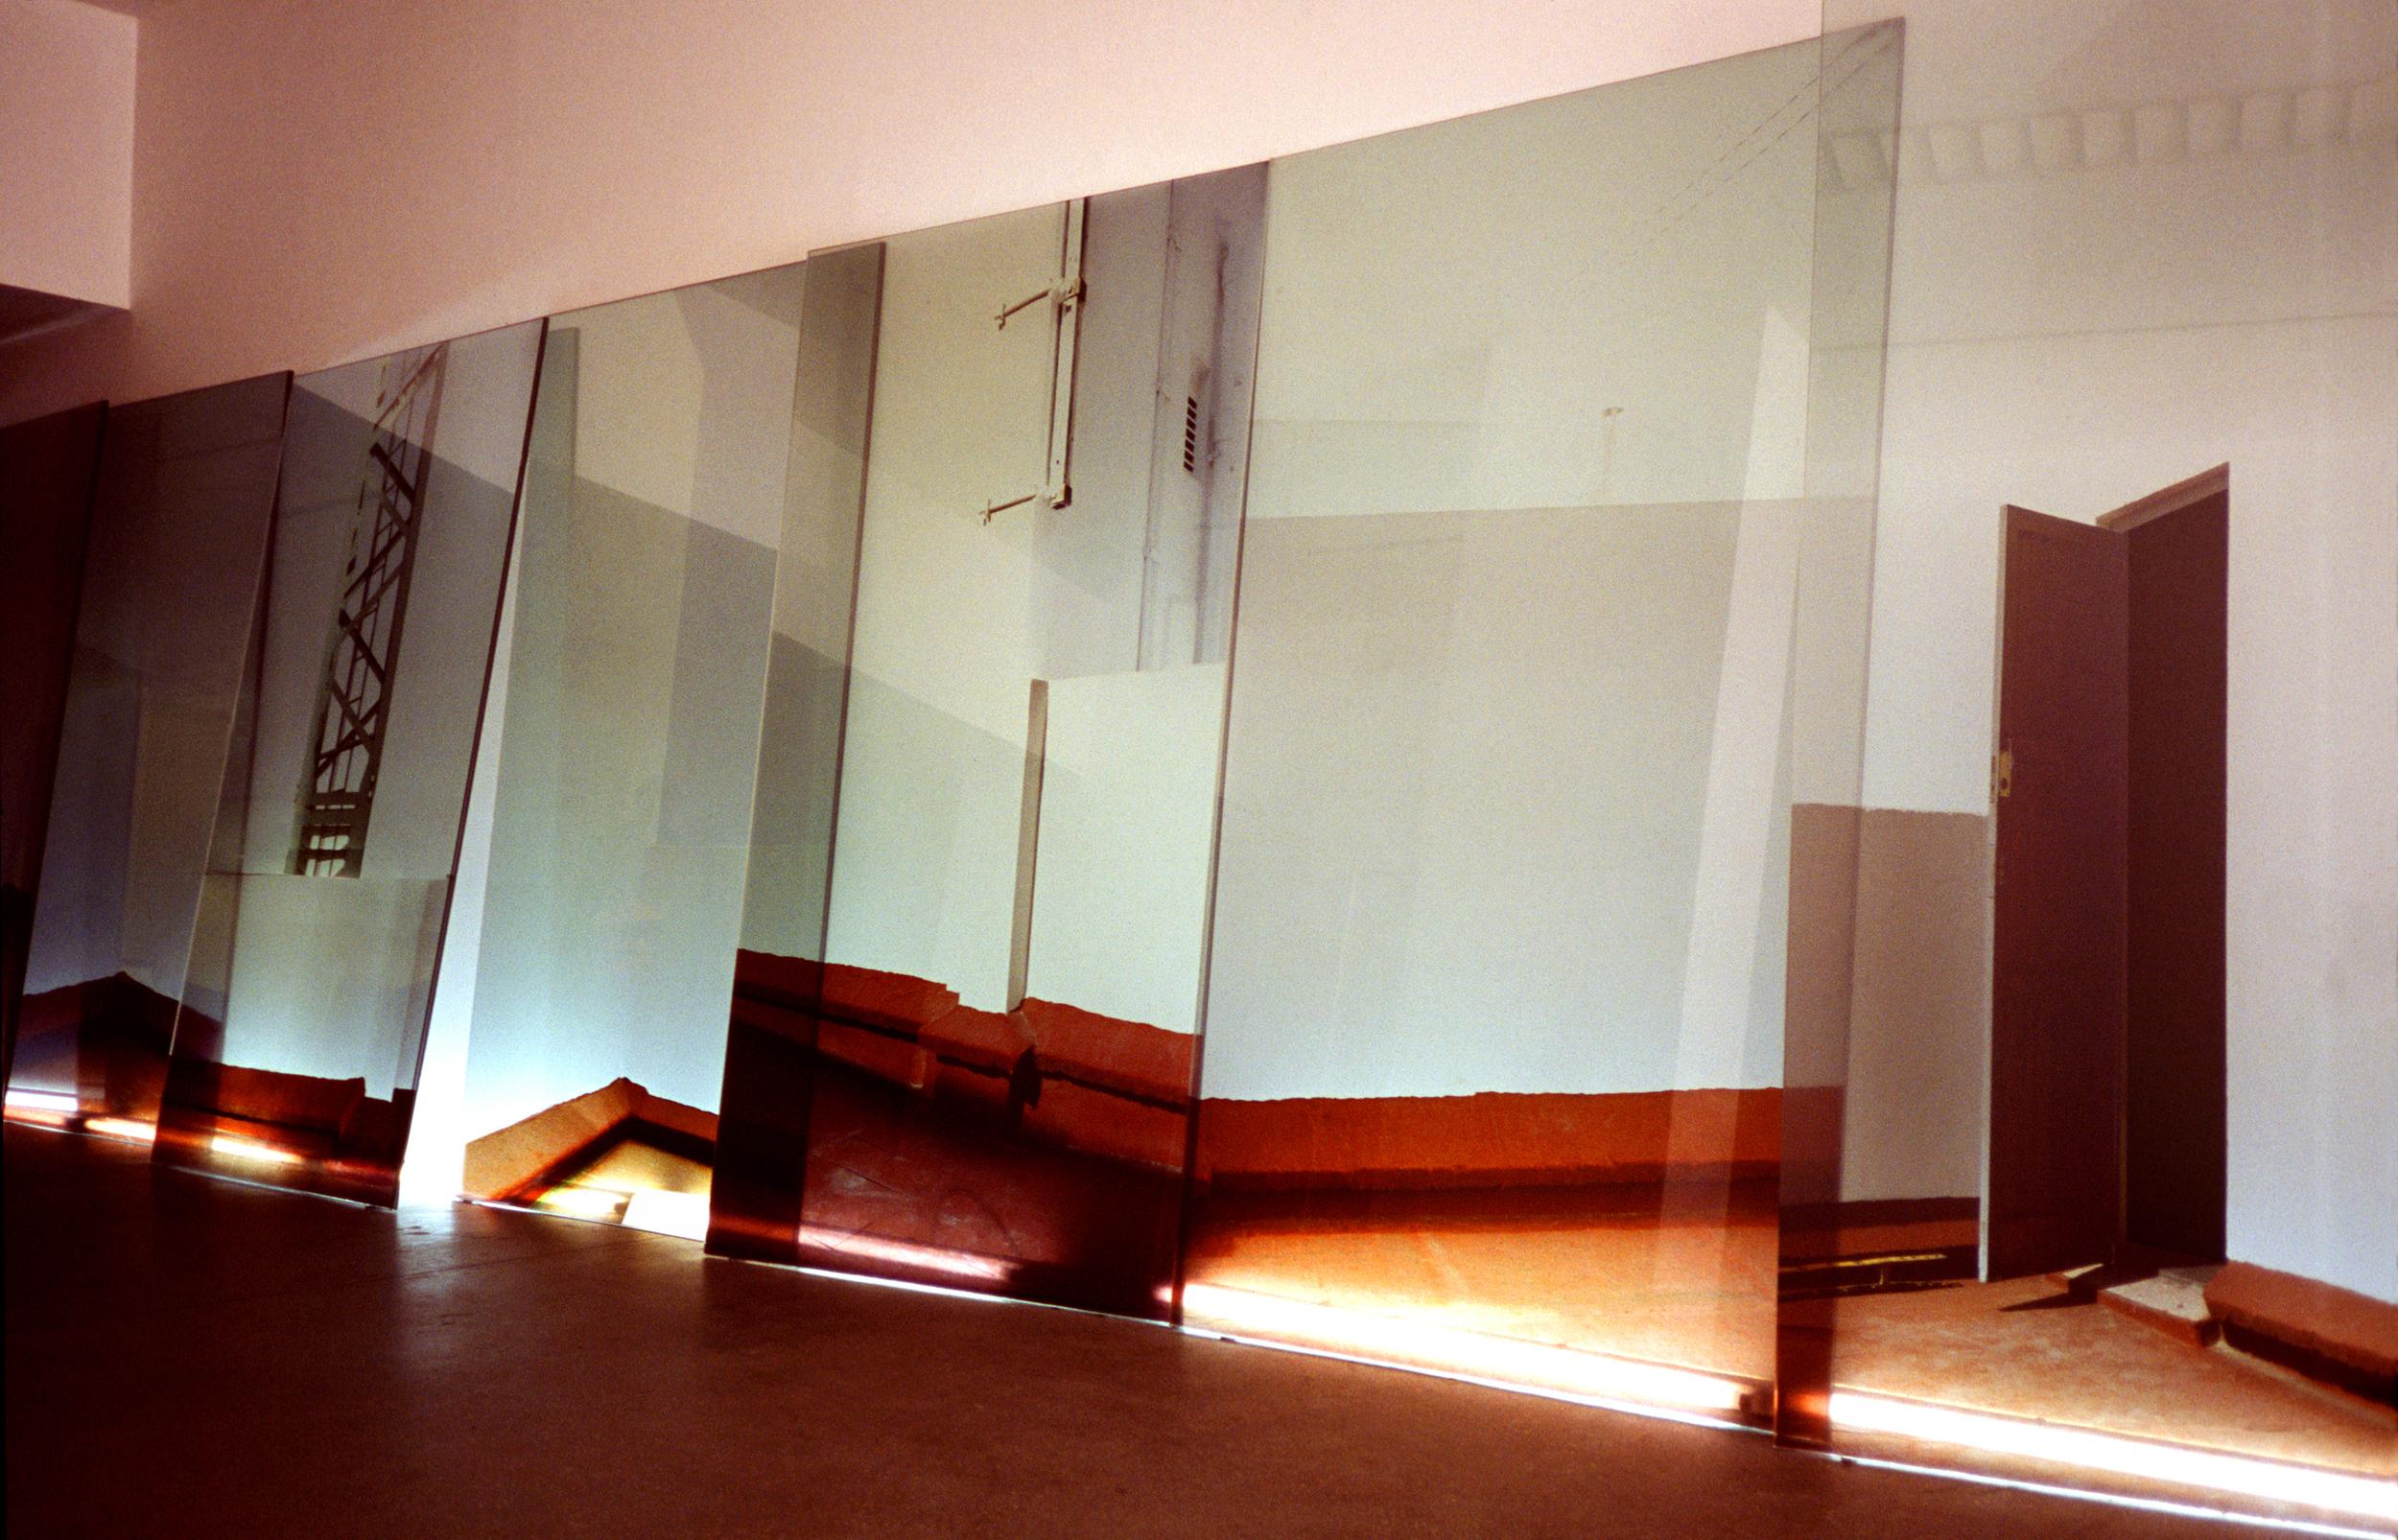 Simulando la casa 2  , 2002.  Instalación de 7 fotografías color Duraclear de 215 x 120 cm cada una, adhesivadas a cristal con retroiluminación fluorescente. Medidas aproximadas en total 215 x 600 cm.